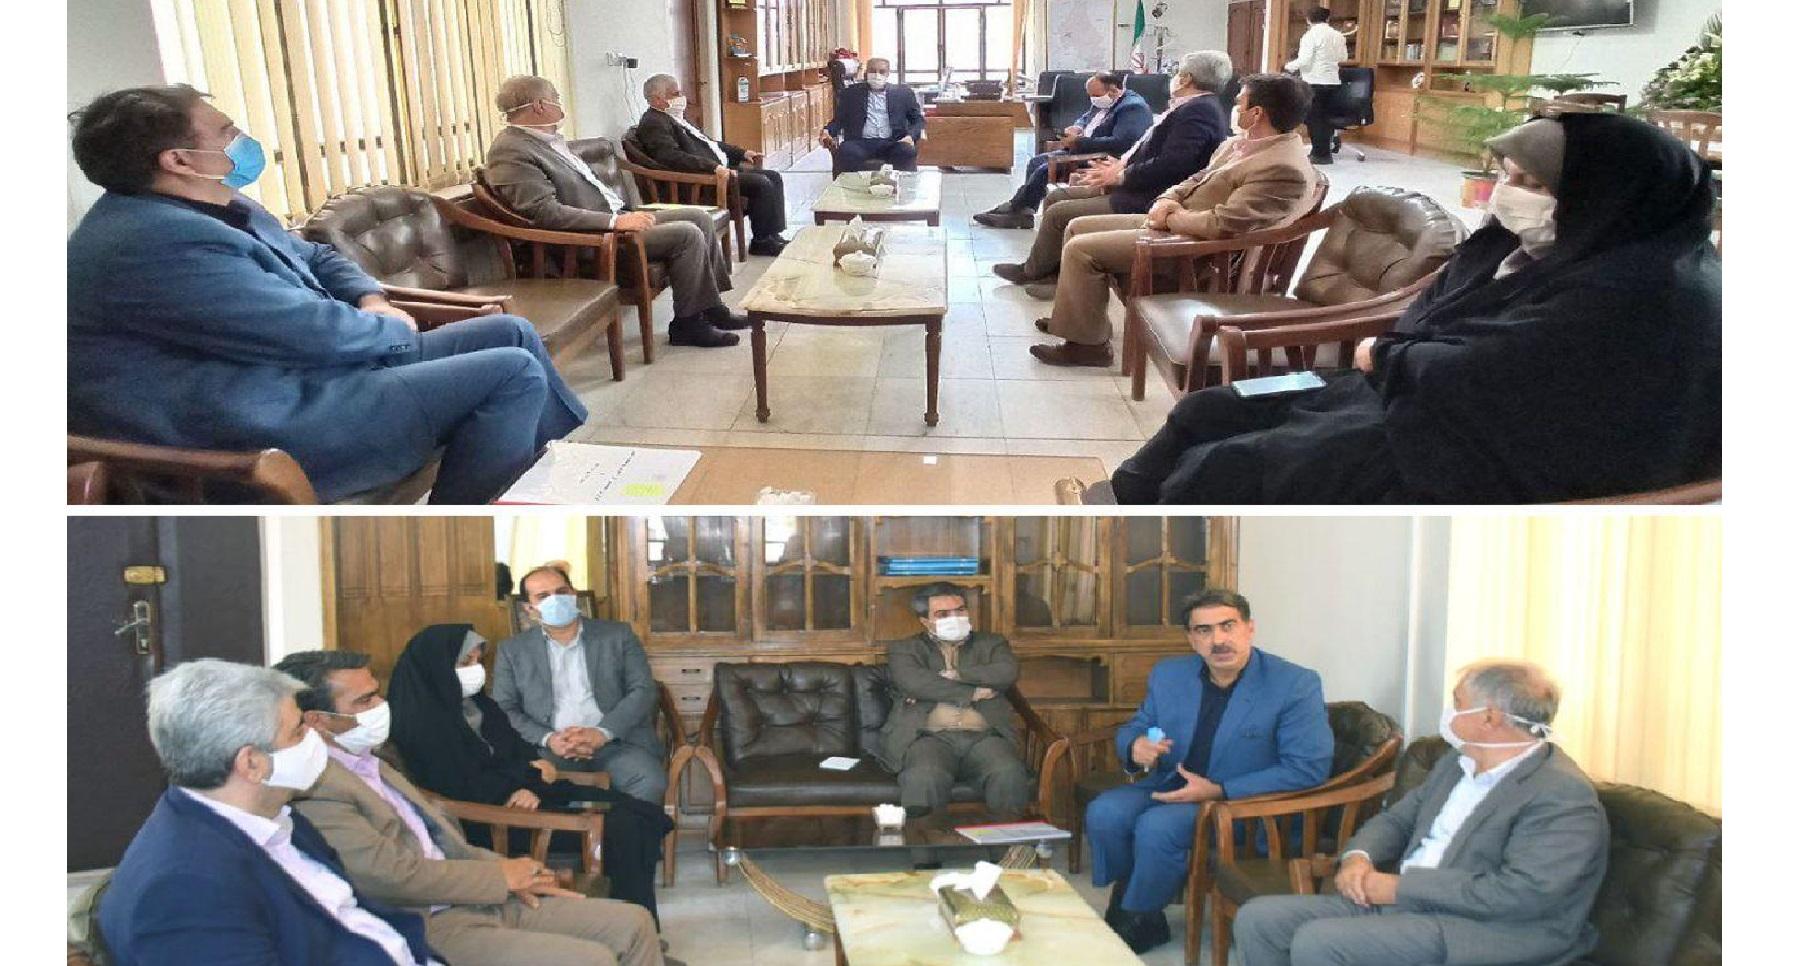 شورای اسلامی شهر مراغه یکی از موثرترین شوراهای استان است